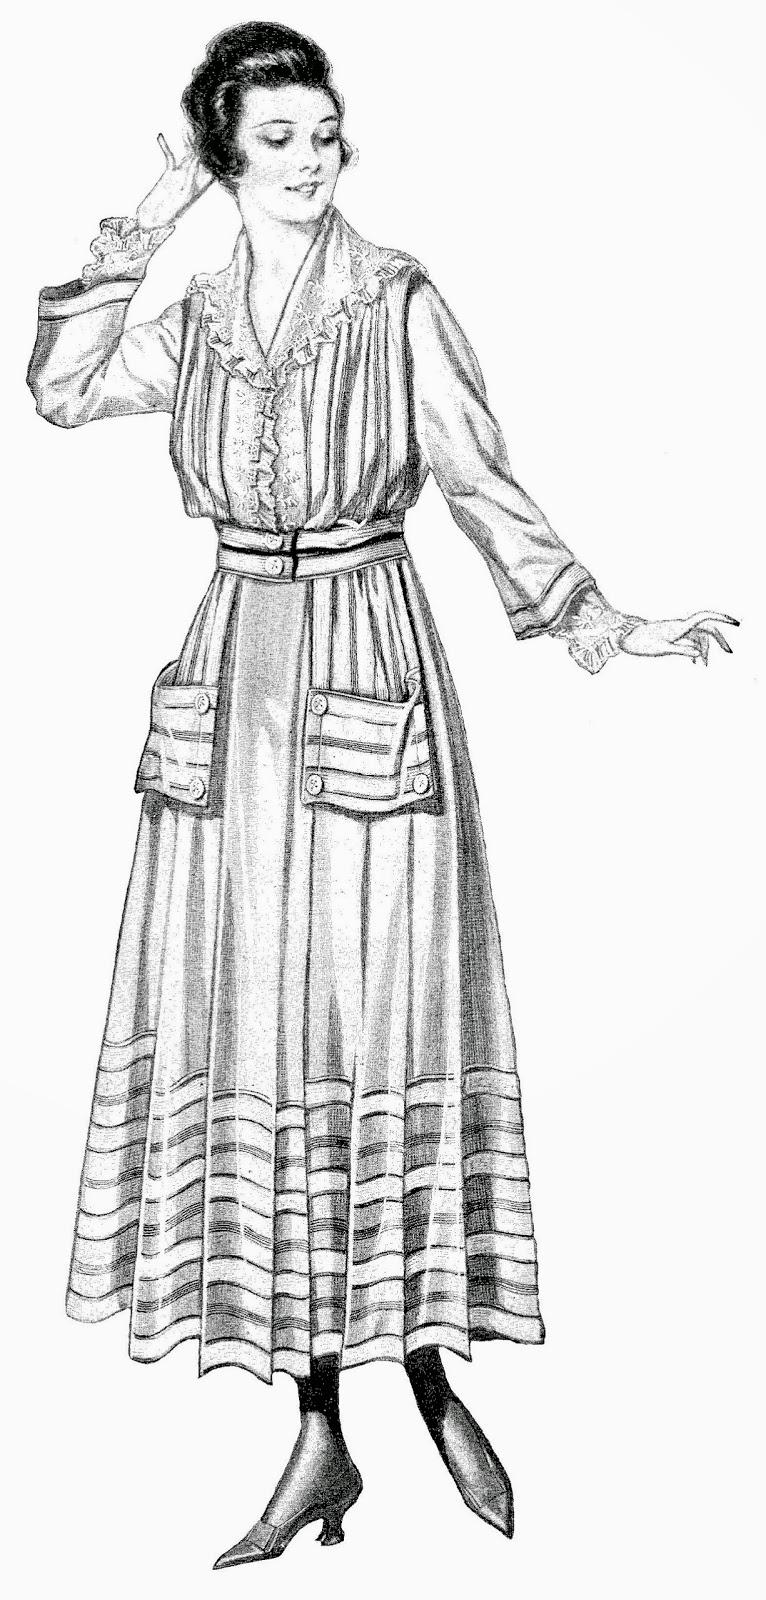 vintage dresses clipart - photo #20